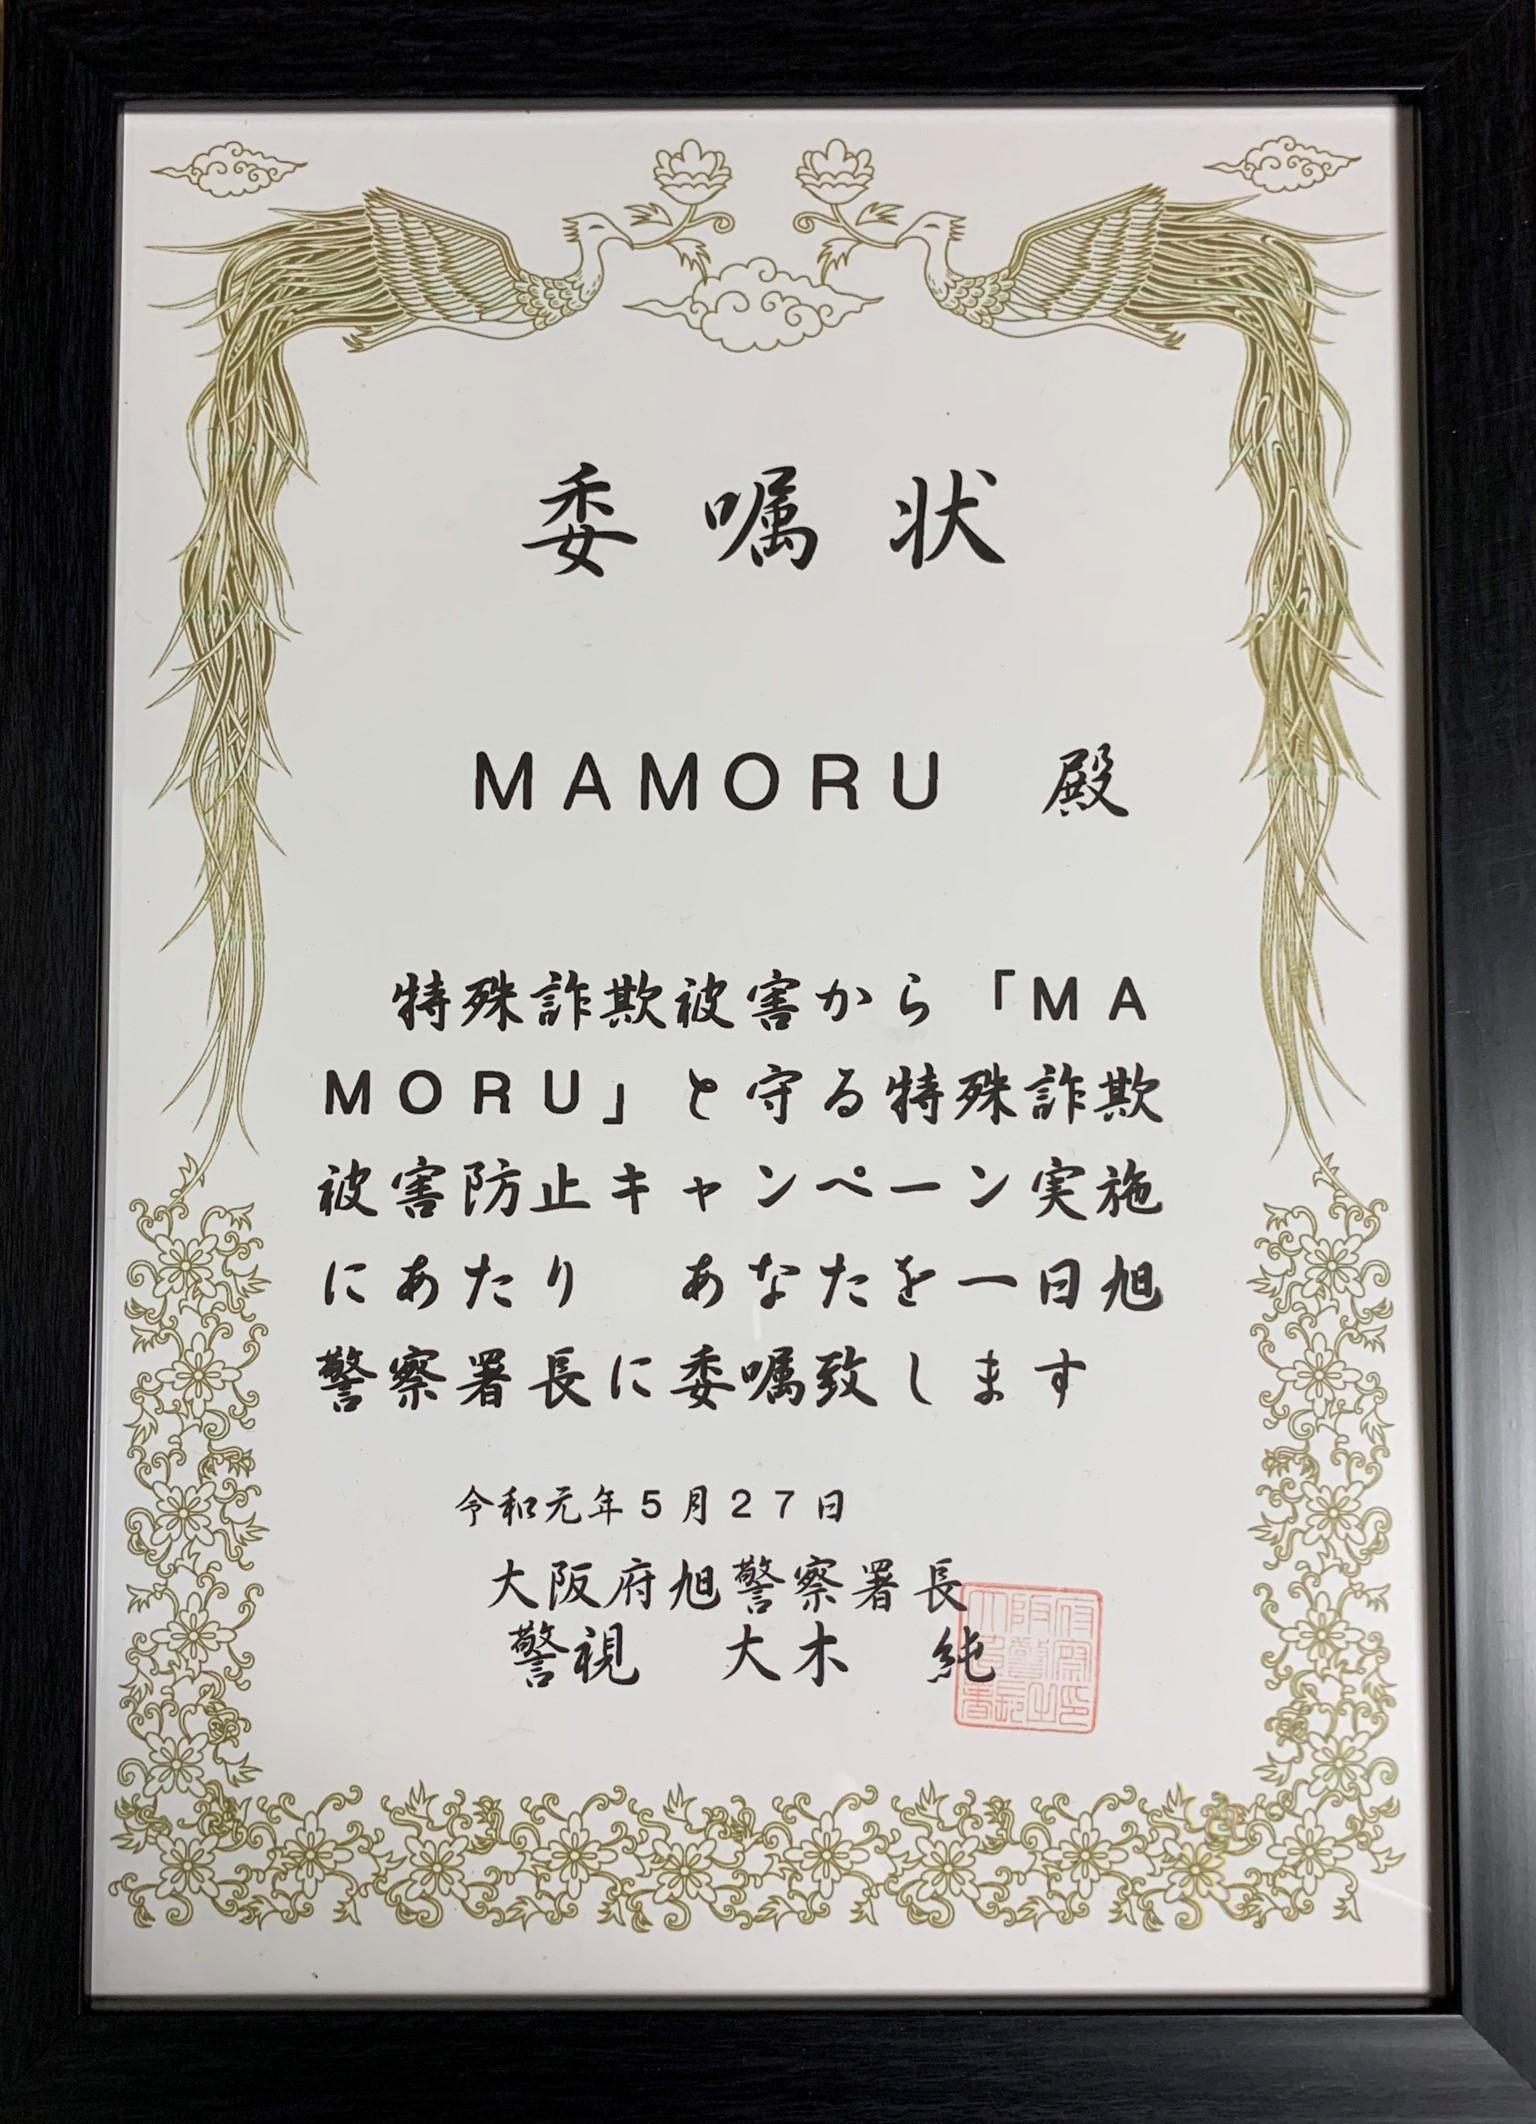 大阪府旭警察署から委嘱状をいただきました。1